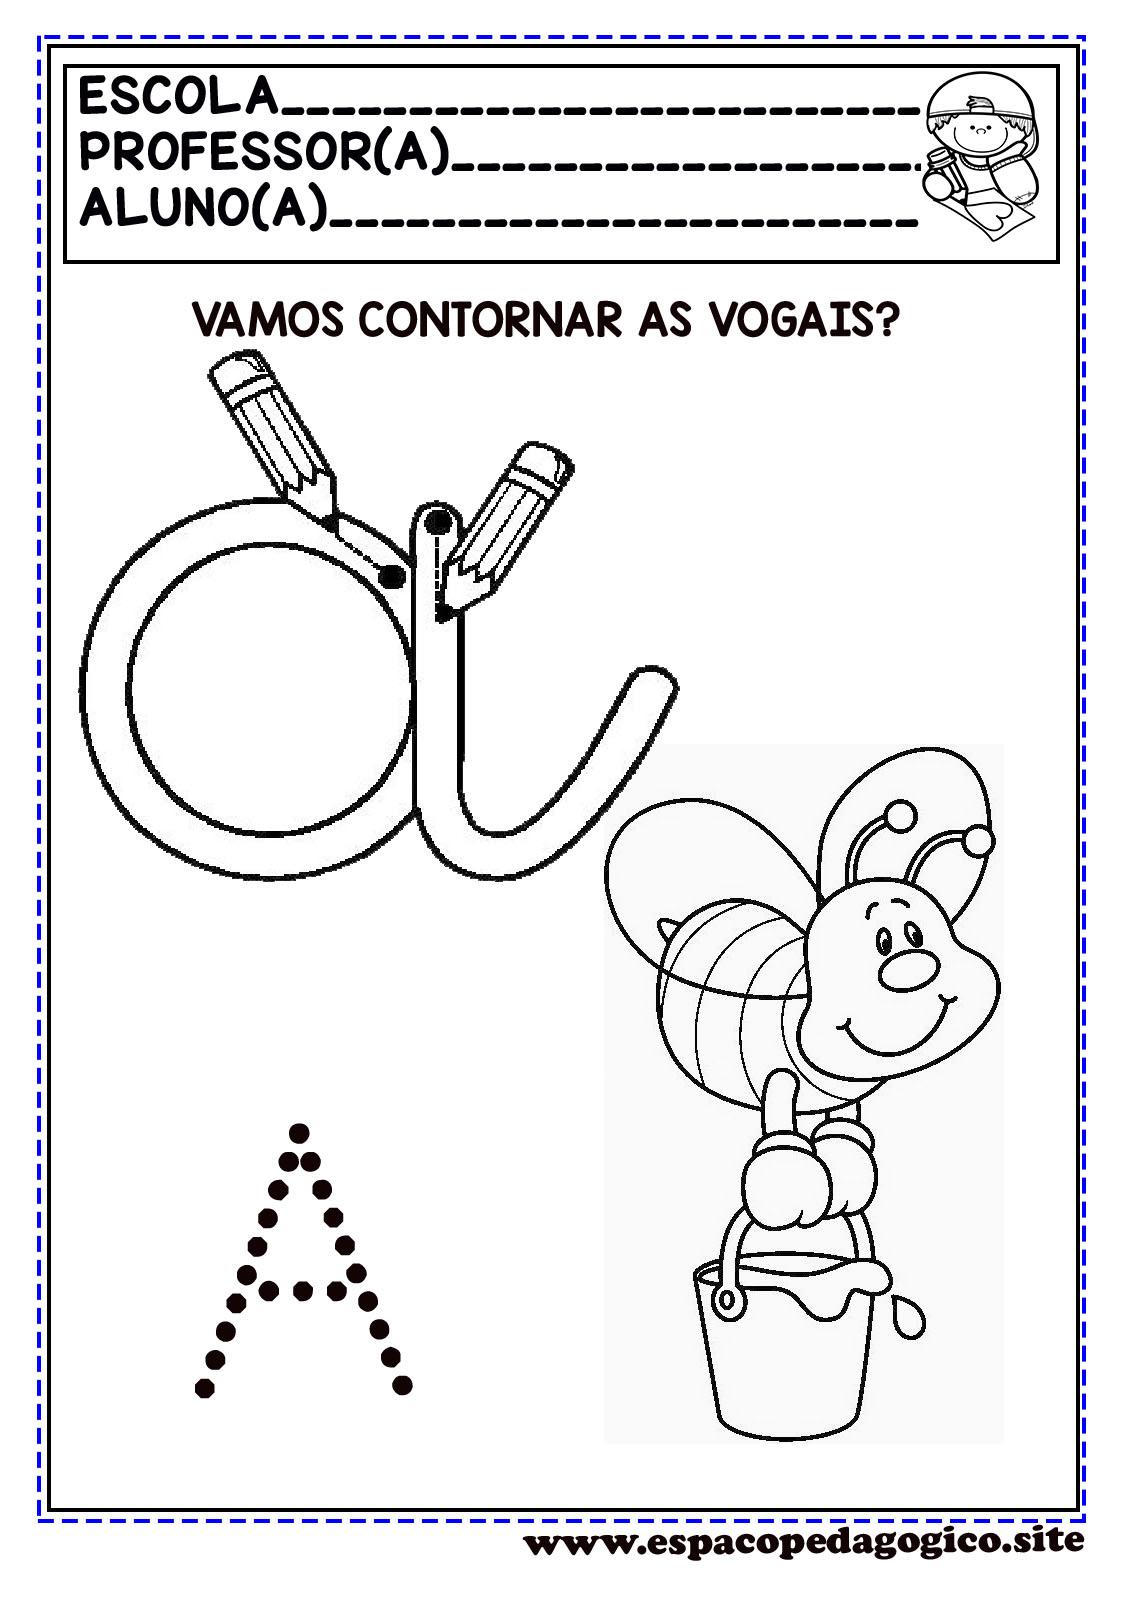 Atividades Com As Vogais Lindas Para Imprimir Espaco Pedagogico